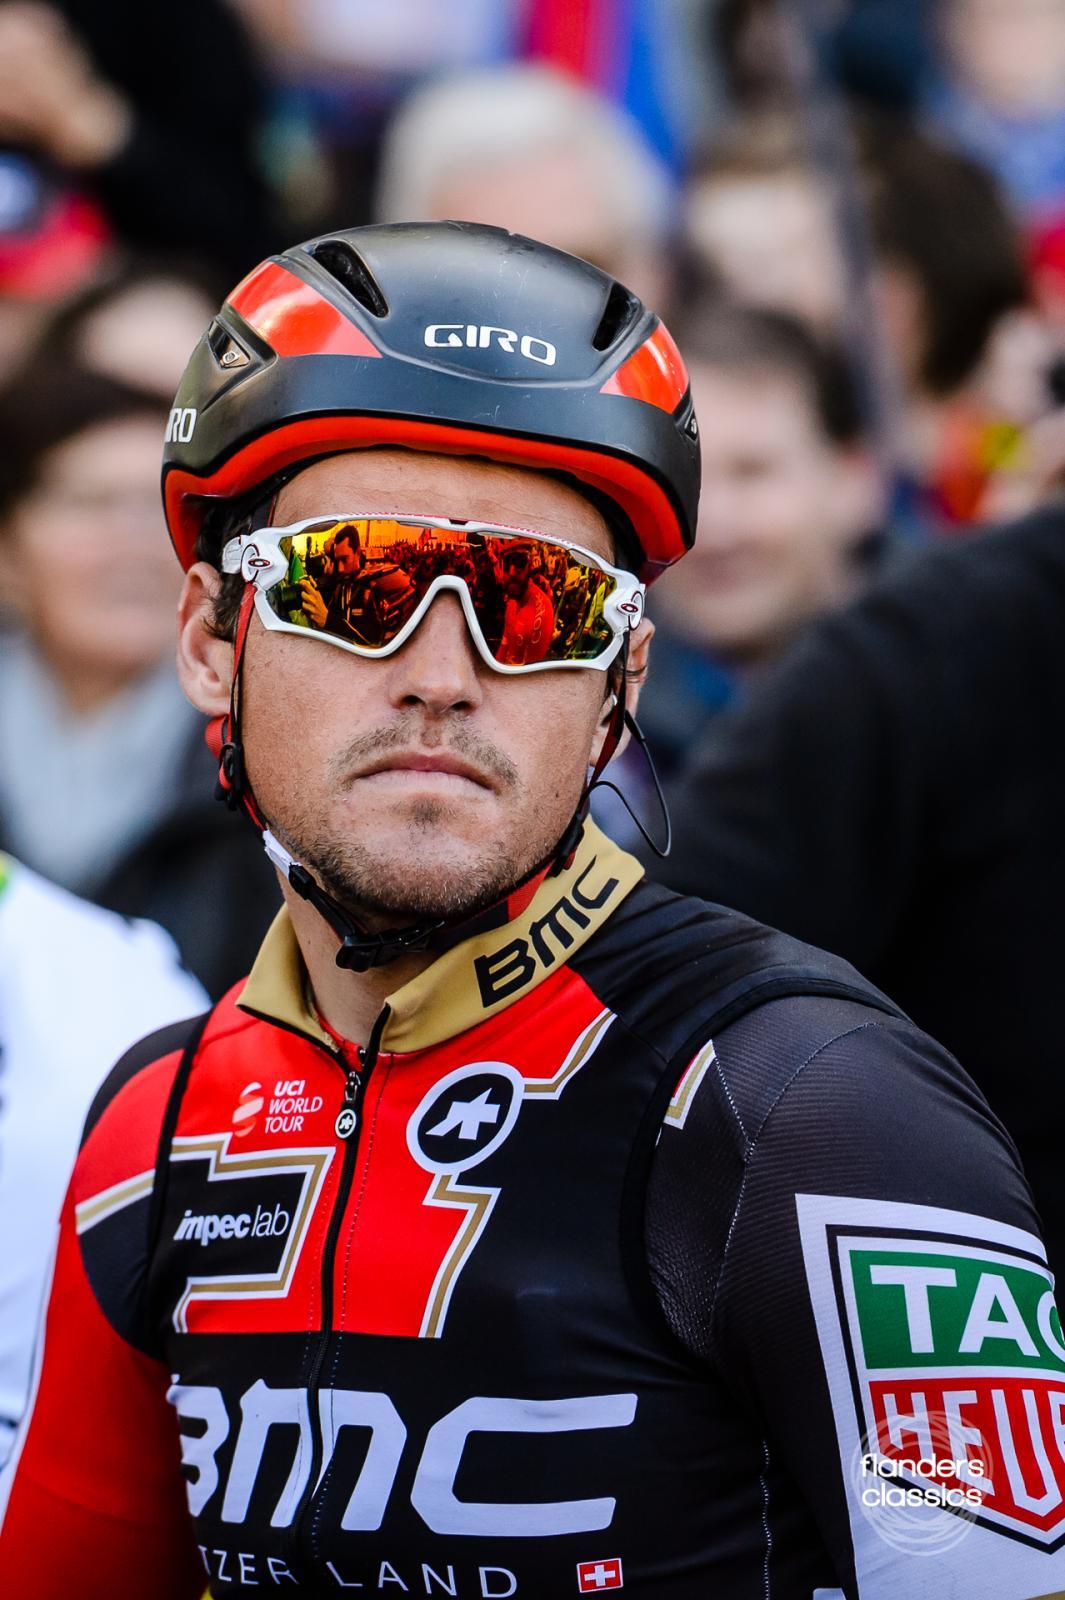 Greg Van Avermaet JoanSeguidor